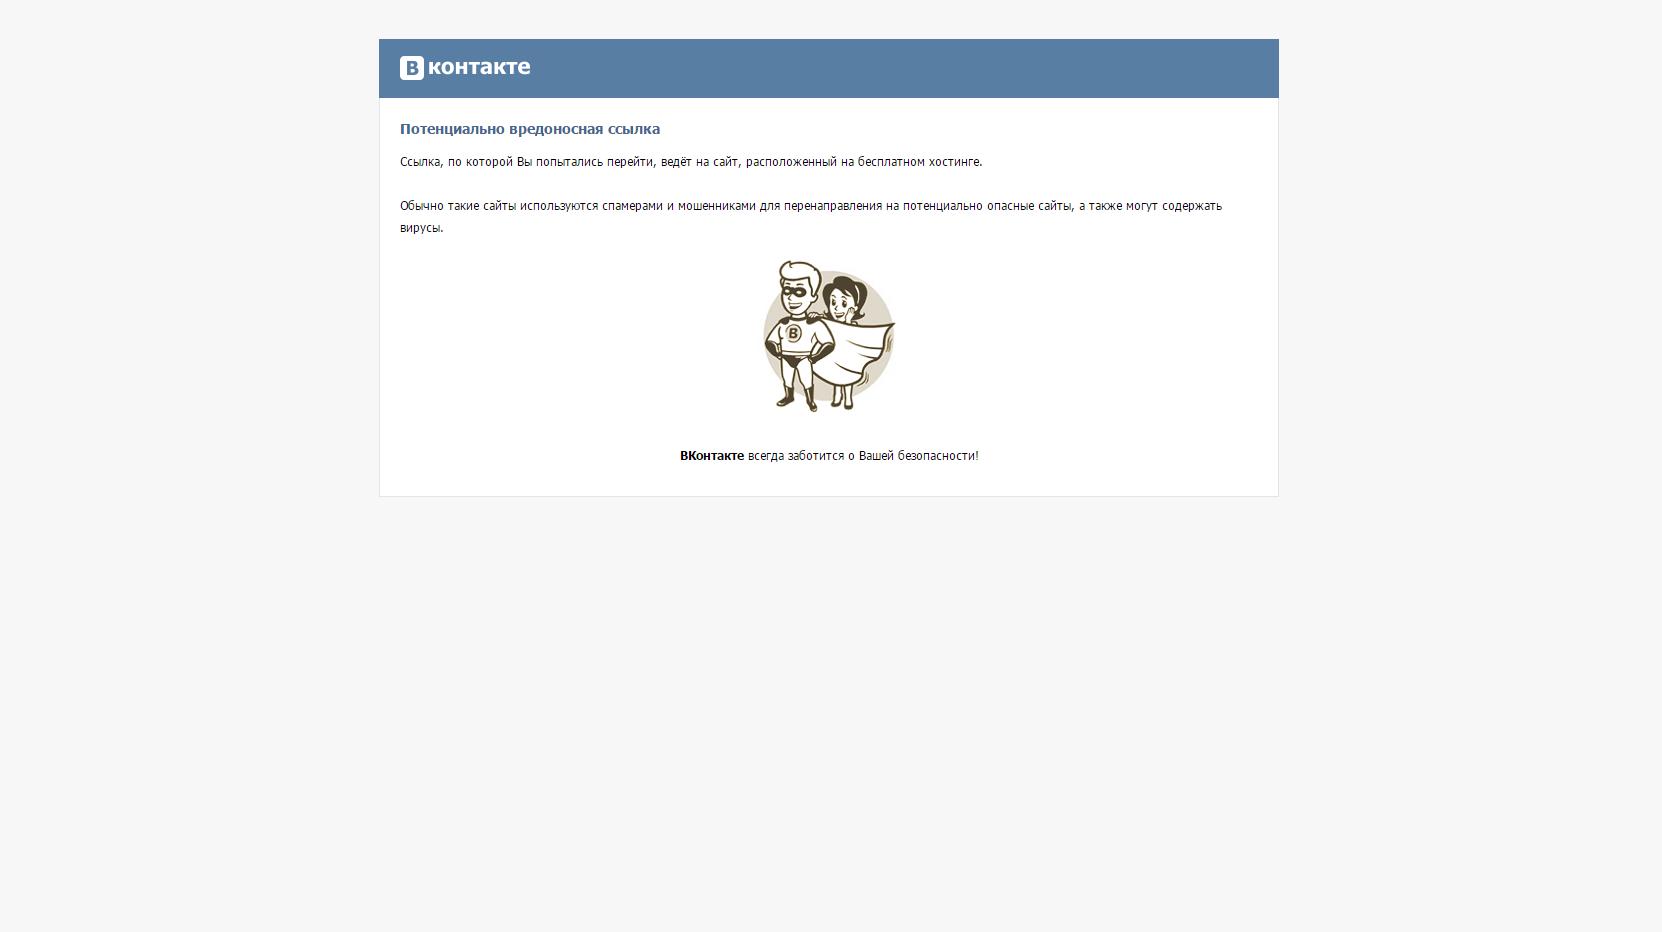 Как вставить в Контакте ссылку на человека или группу и можно ли сделать 3